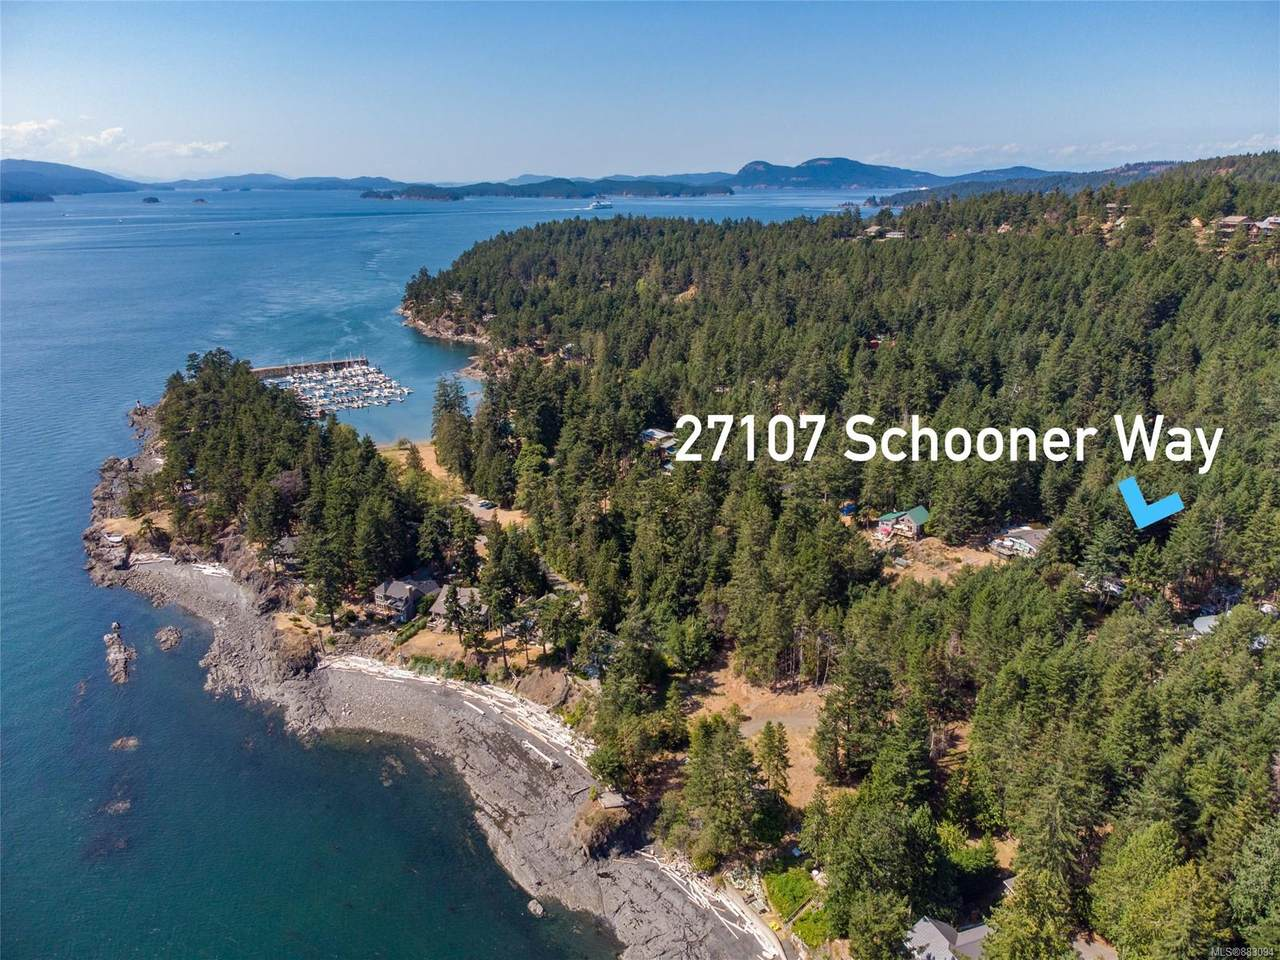 27107 Schooner Way - Photo 1